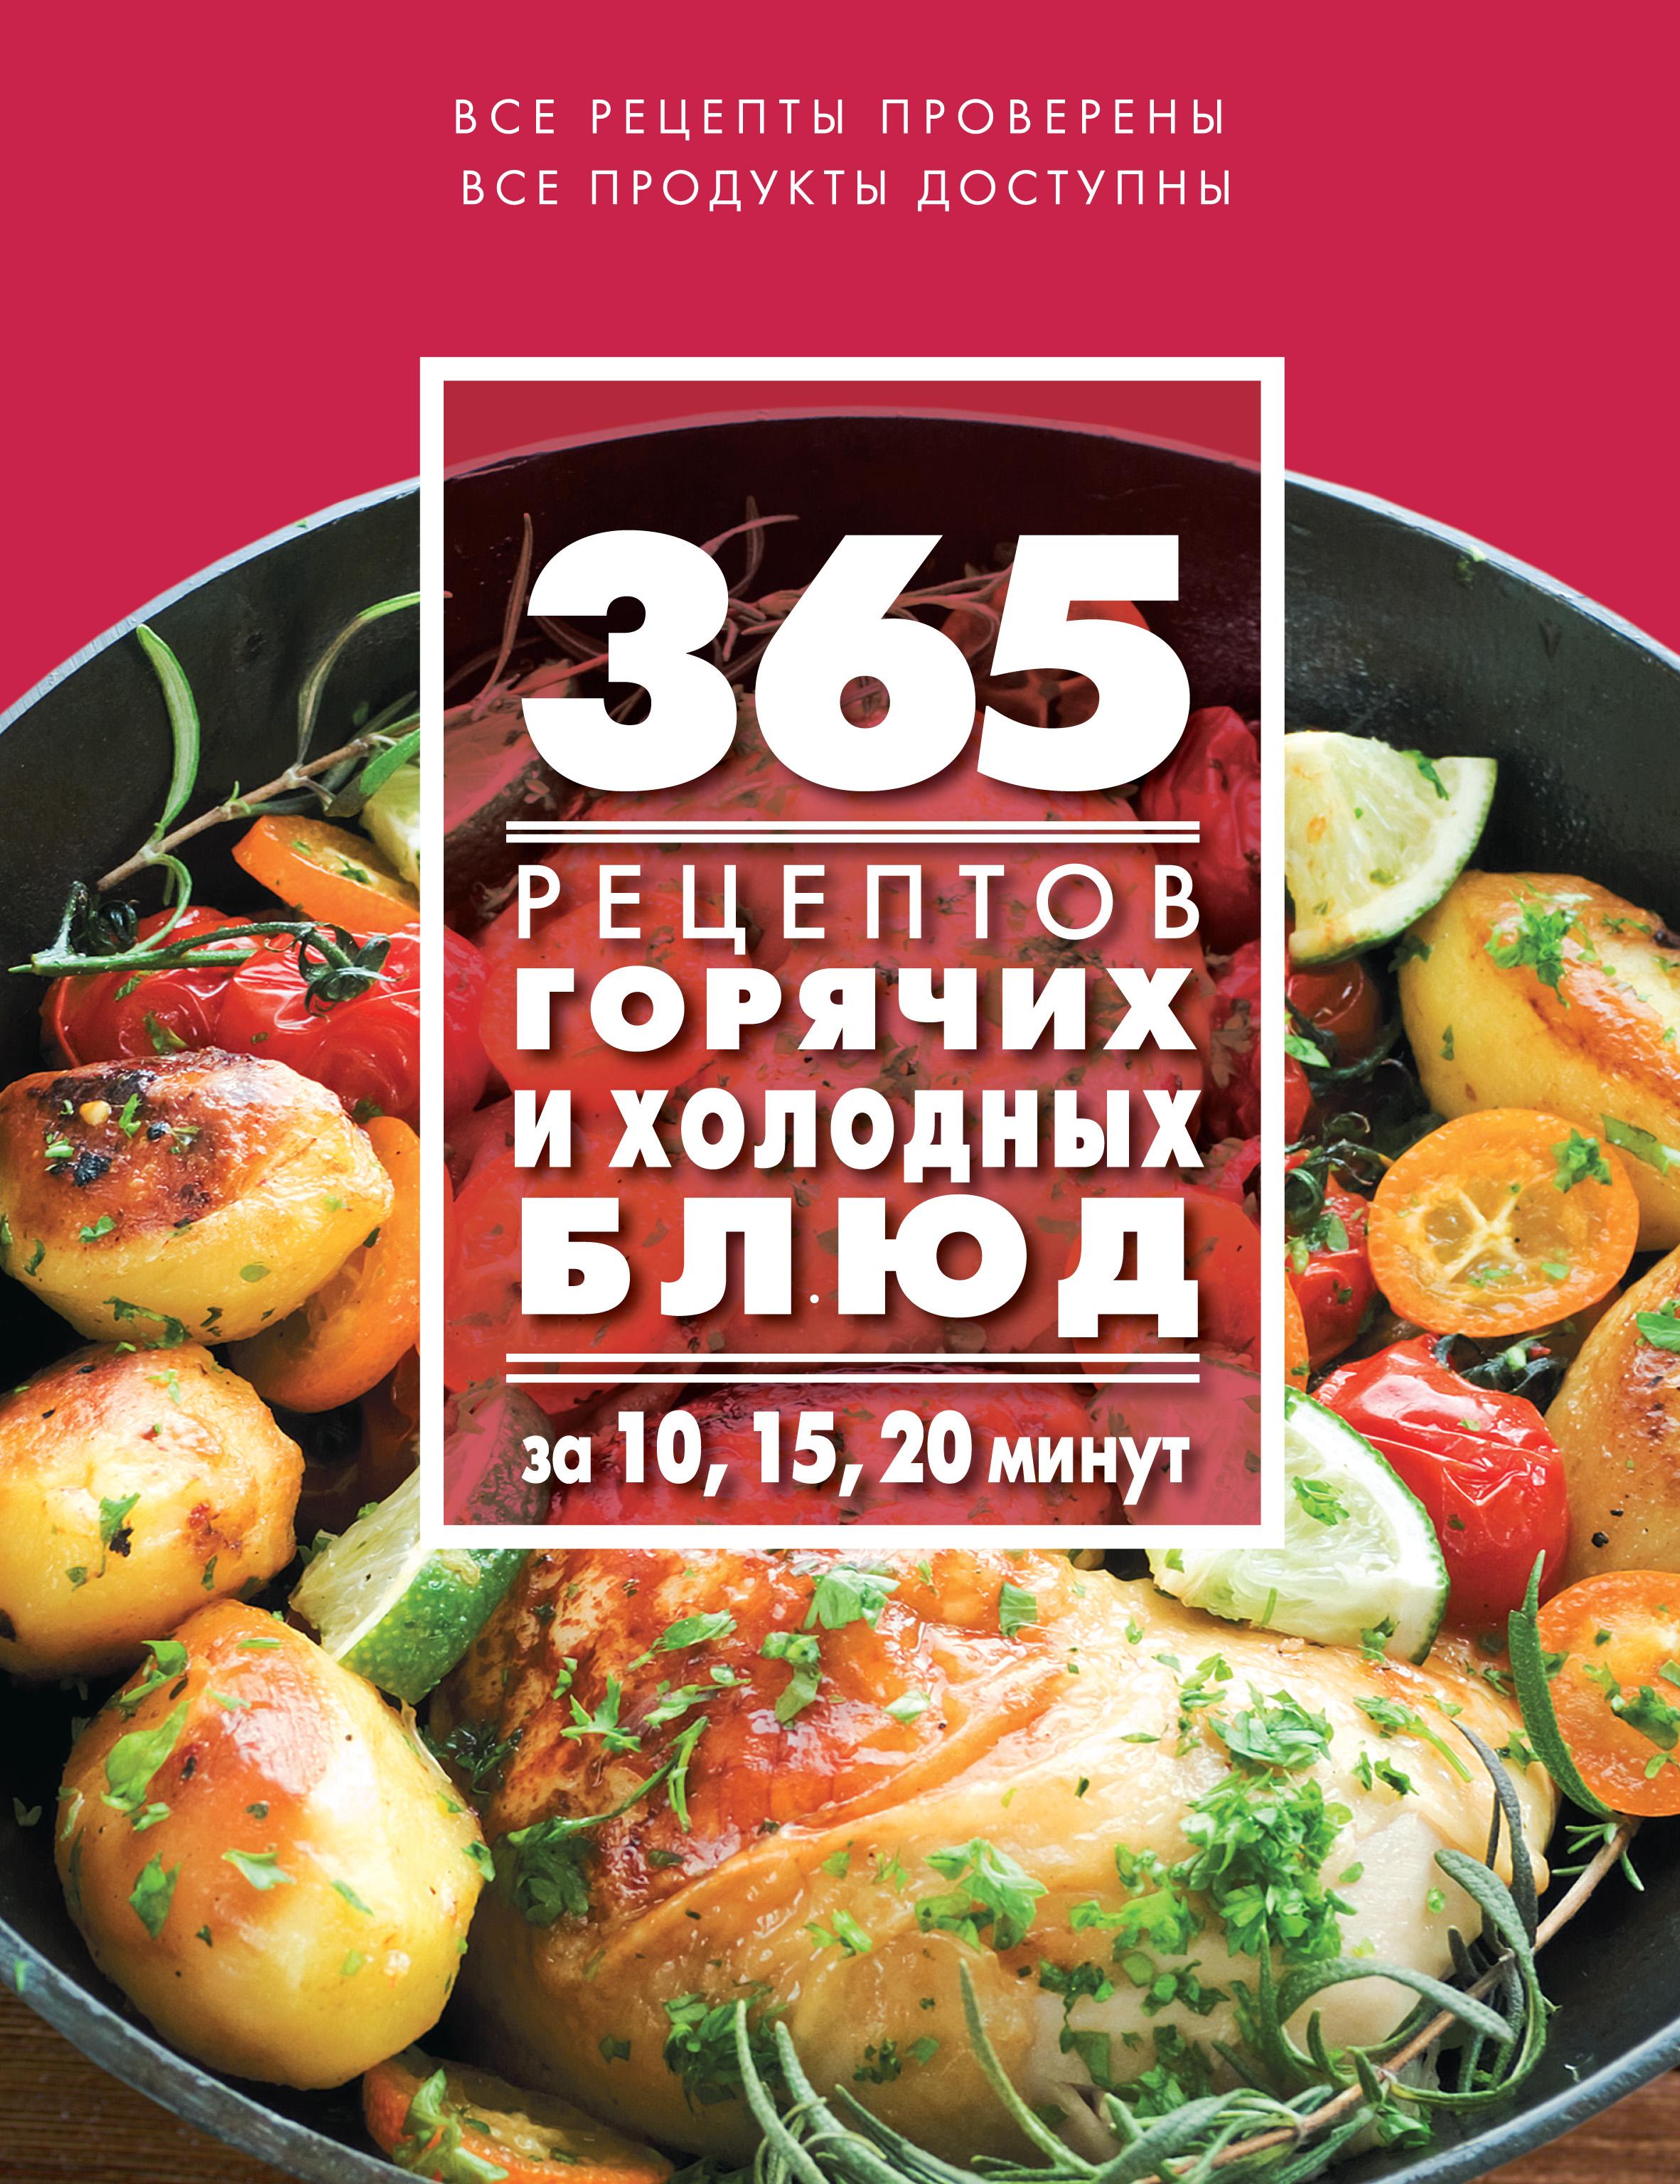 Отсутствует 365 рецептов горячих и холодных блюд. За 10, 15, 20 минут отсутствует блюда за 20 минут